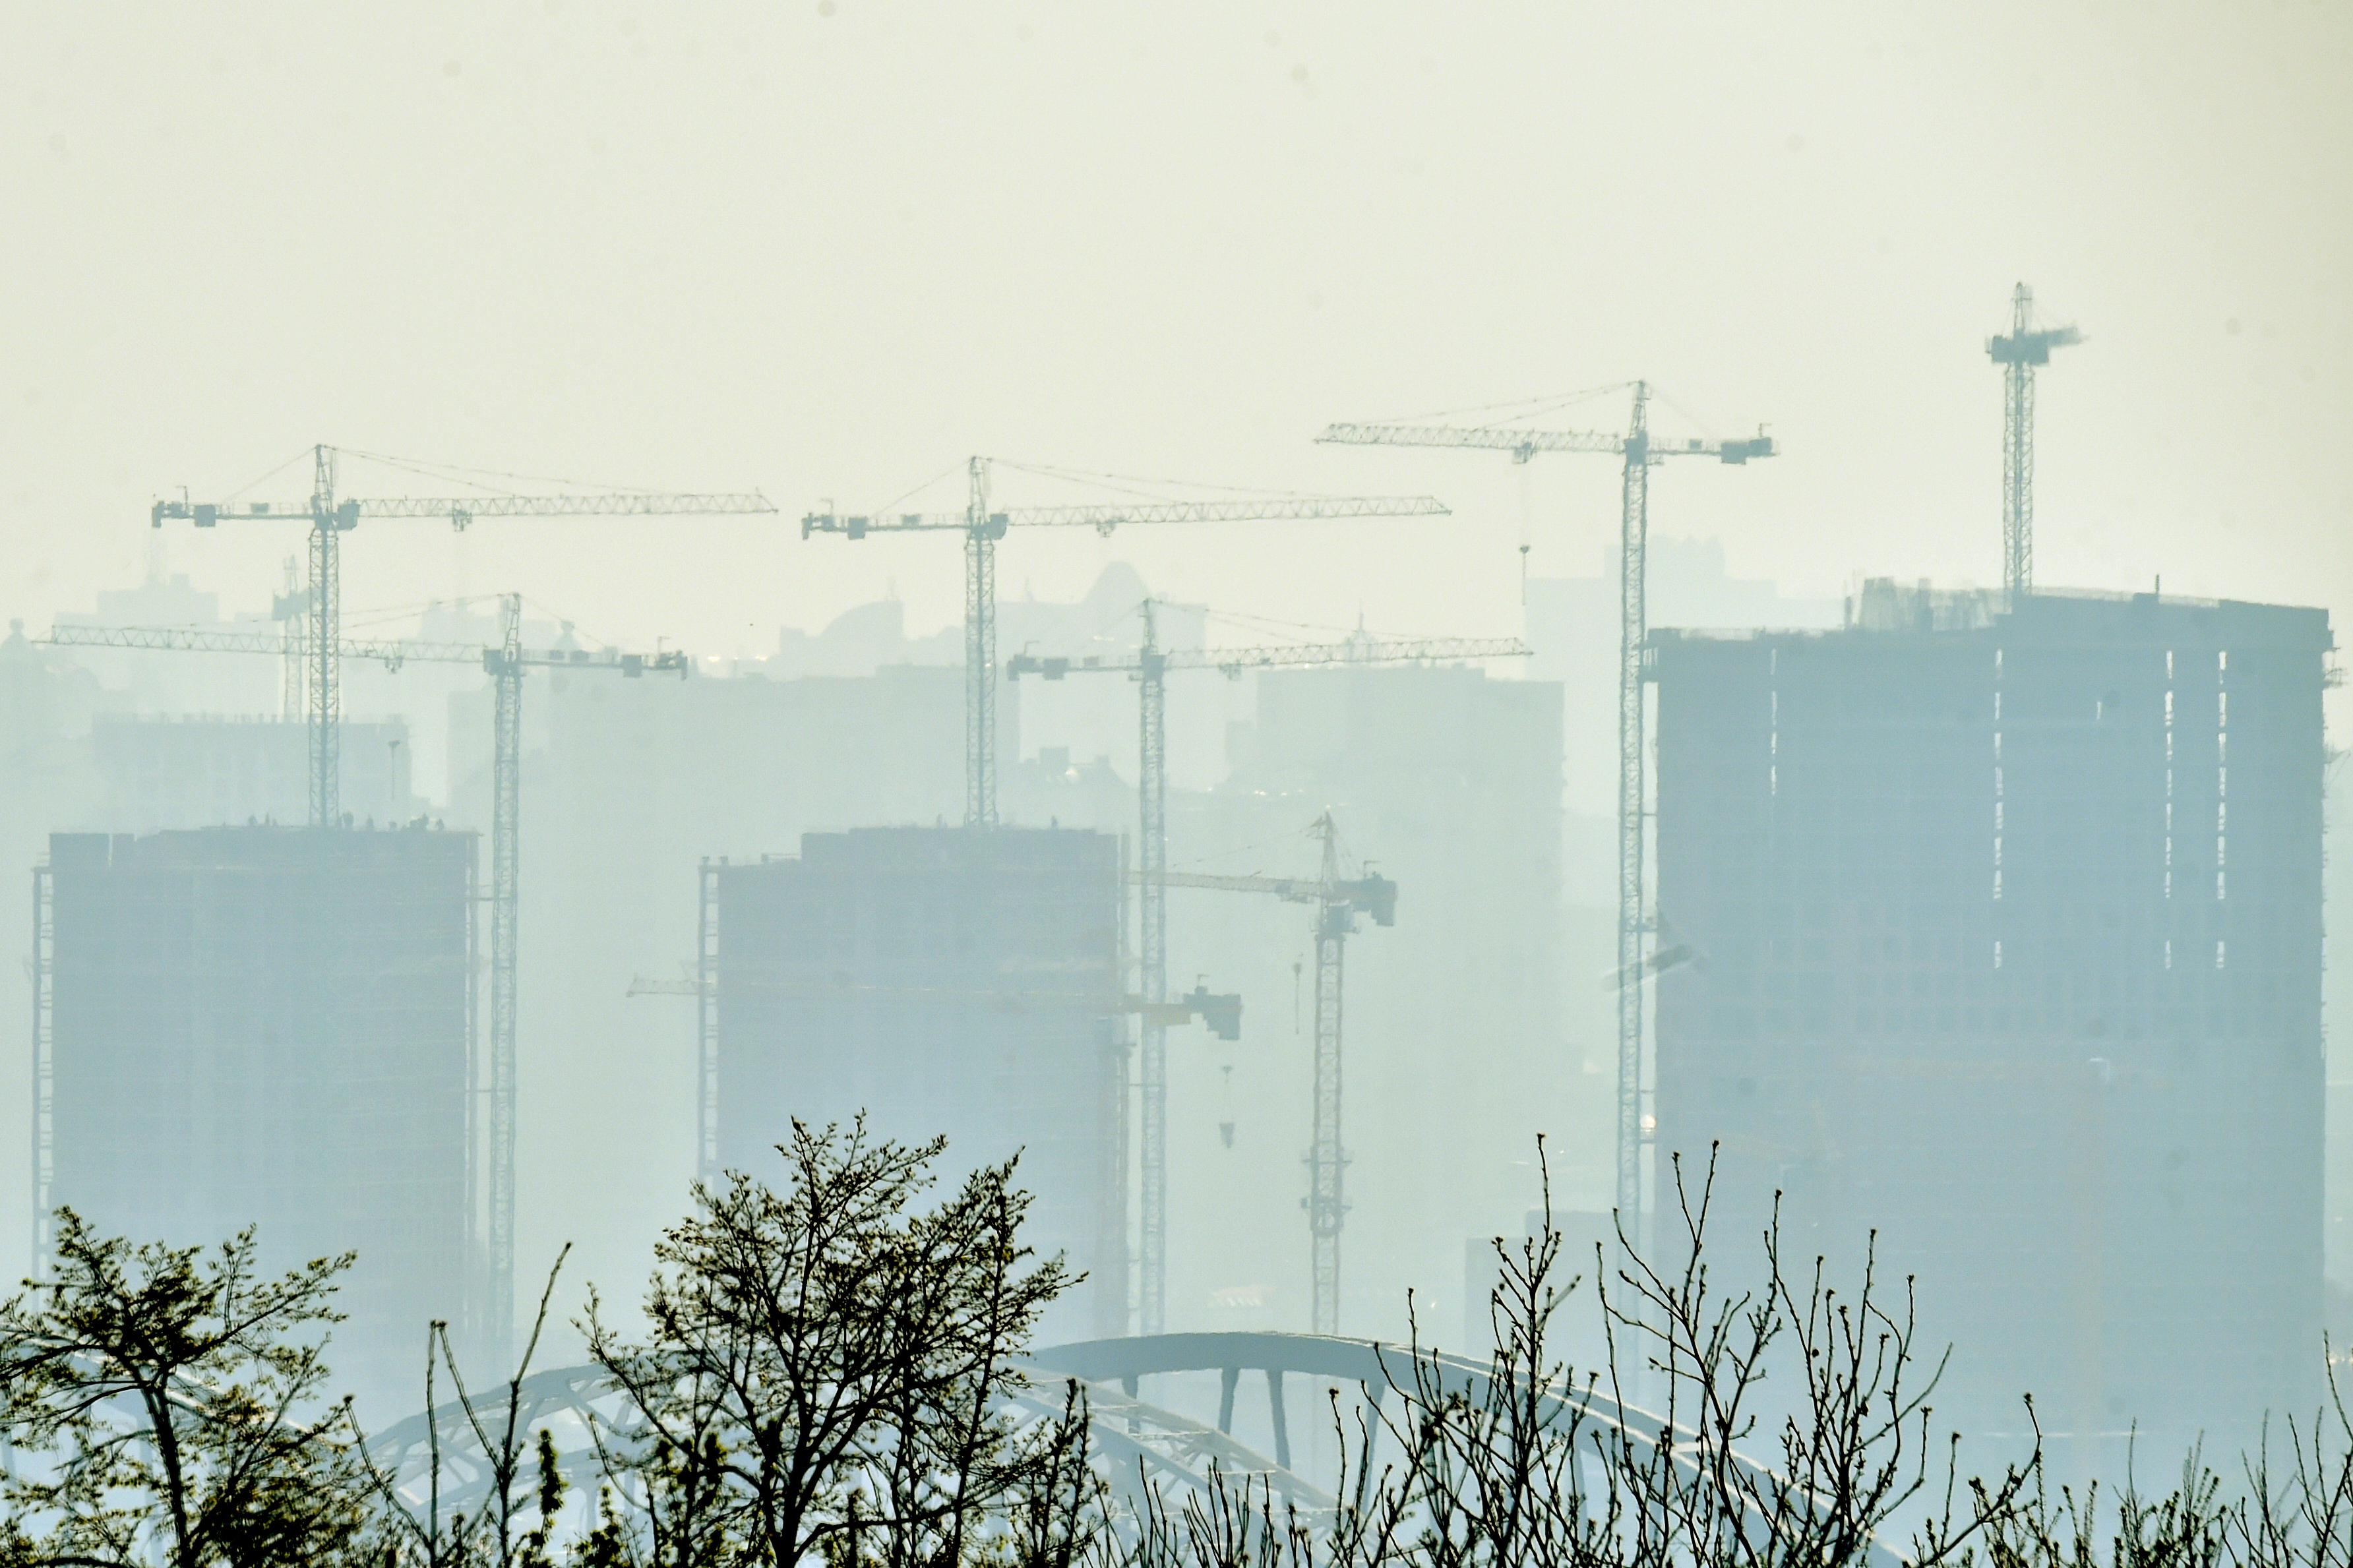 A csernobili tüzek miatt Kijev a leszennyezettebb levegőjű város a világon